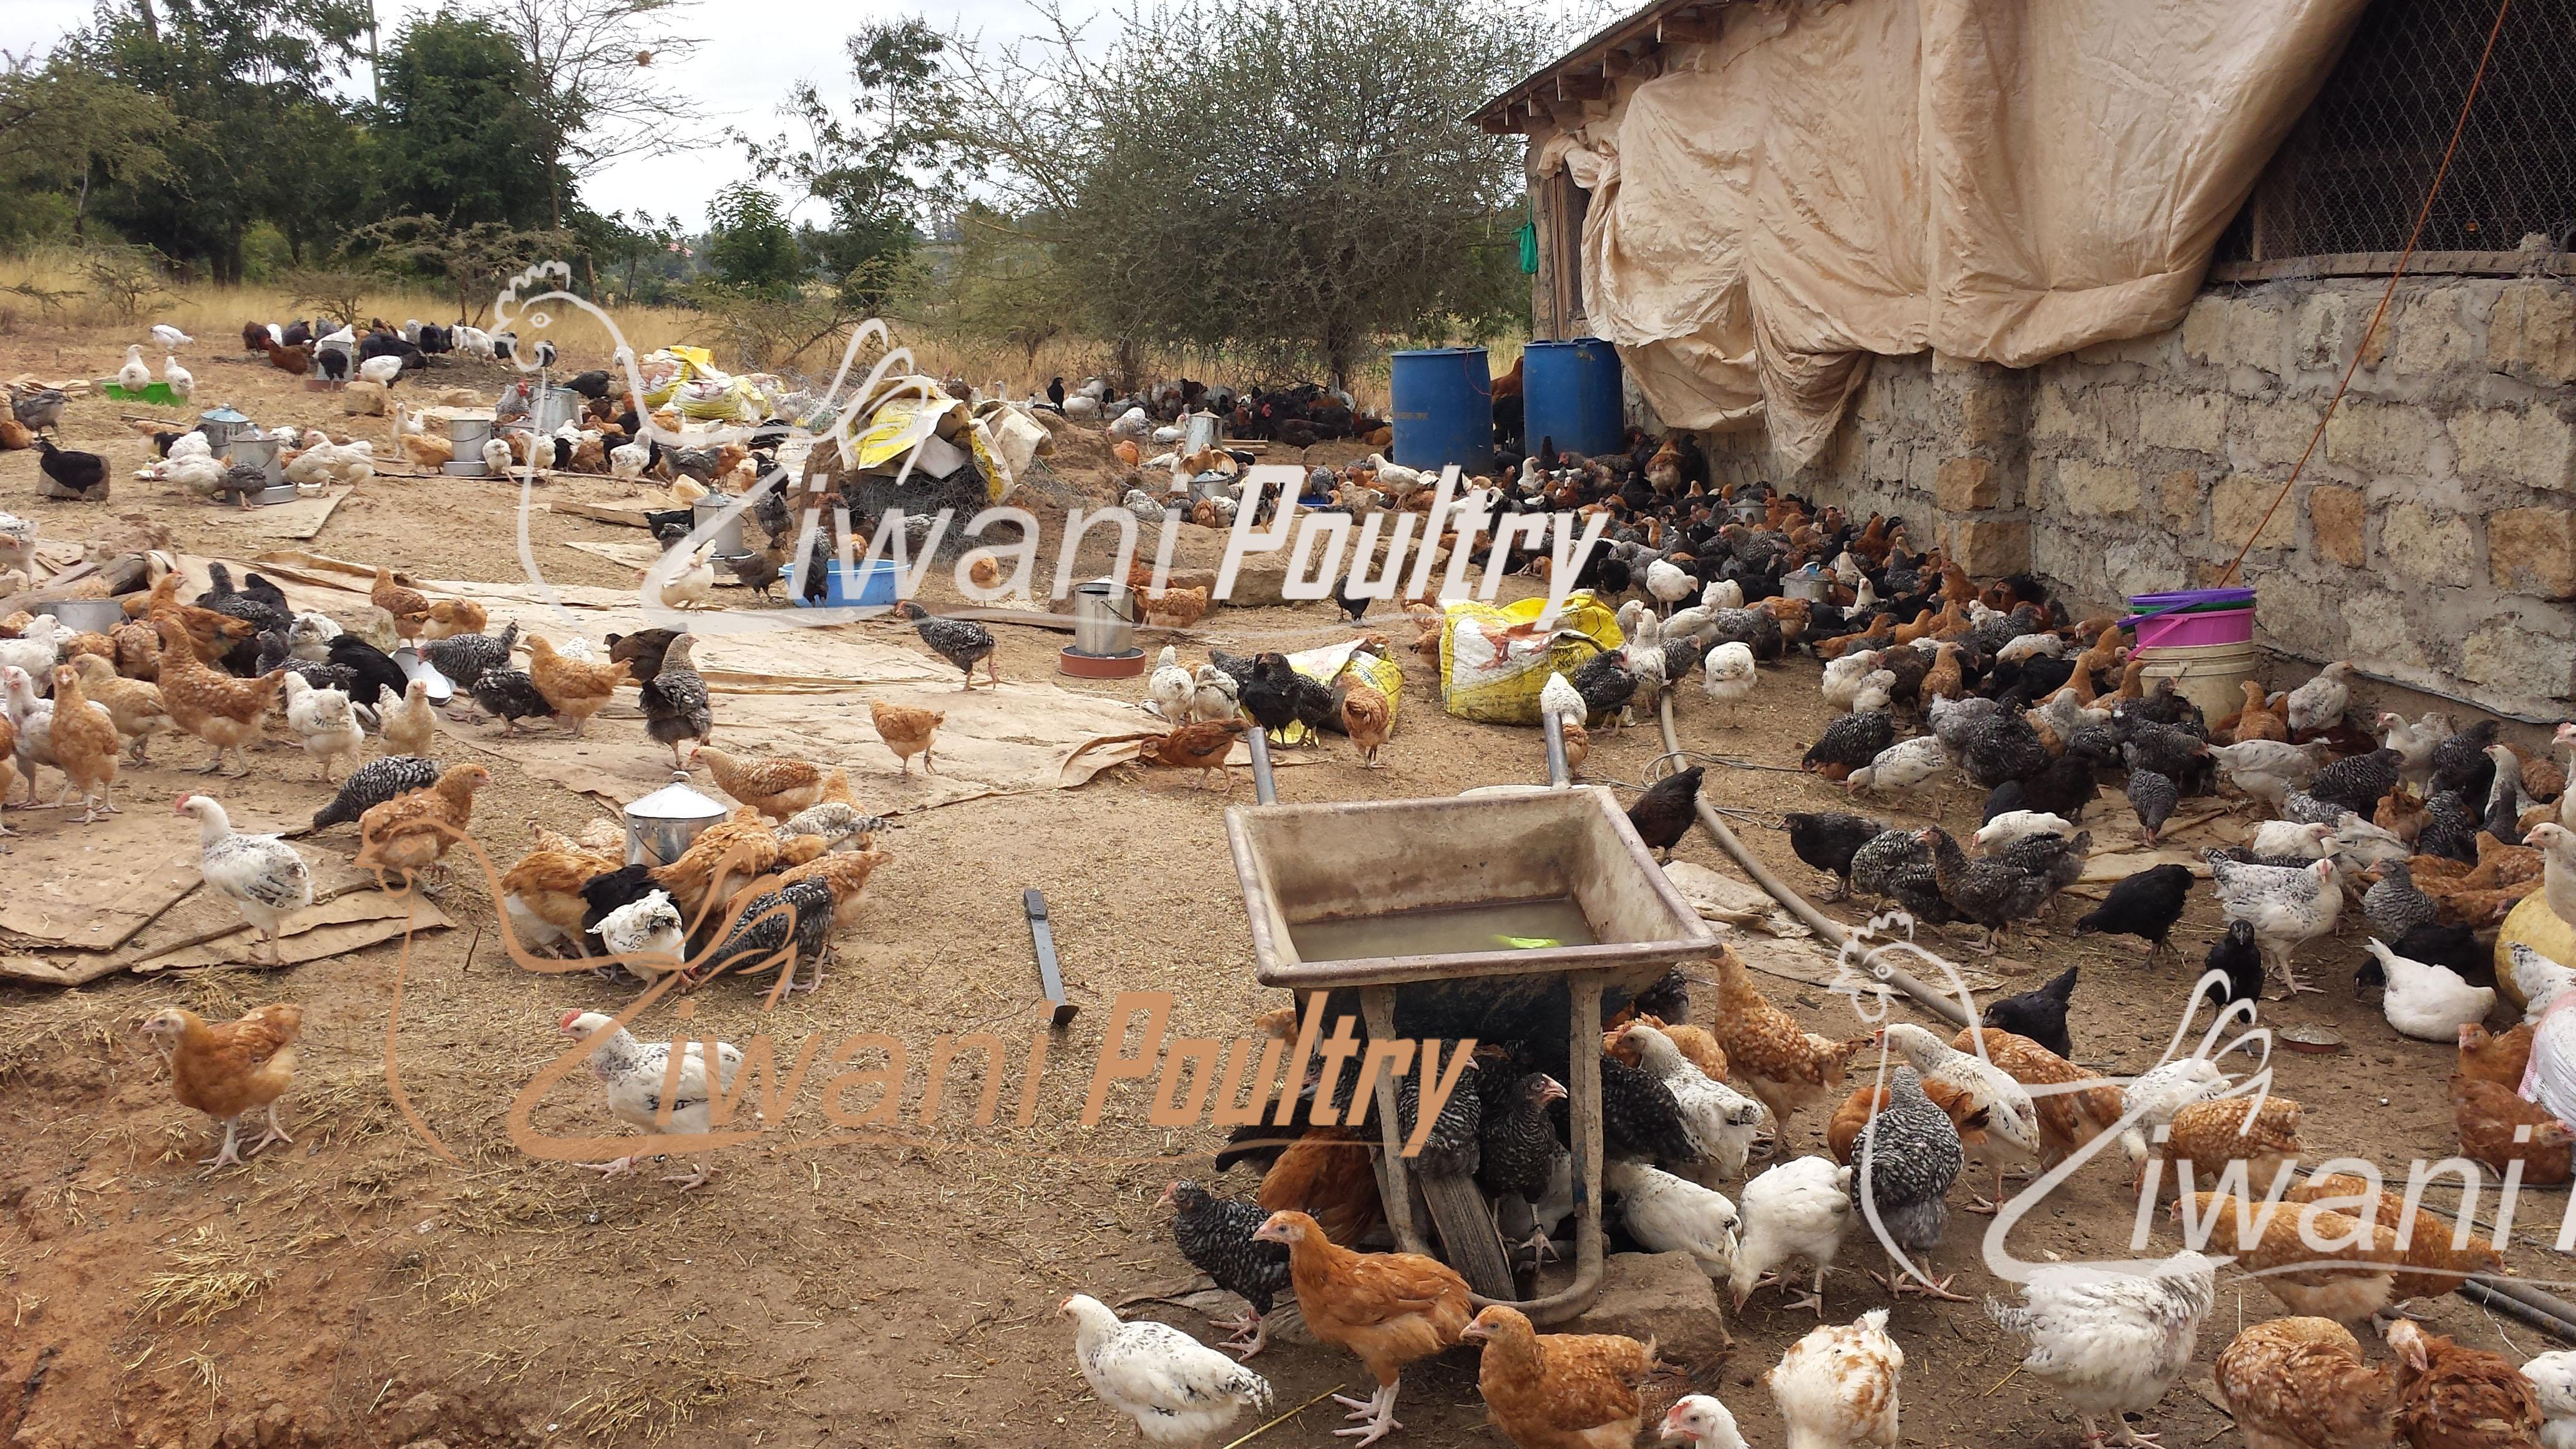 Ziwani Poultry farm - KARI and Kuroiler chicks in Kenya